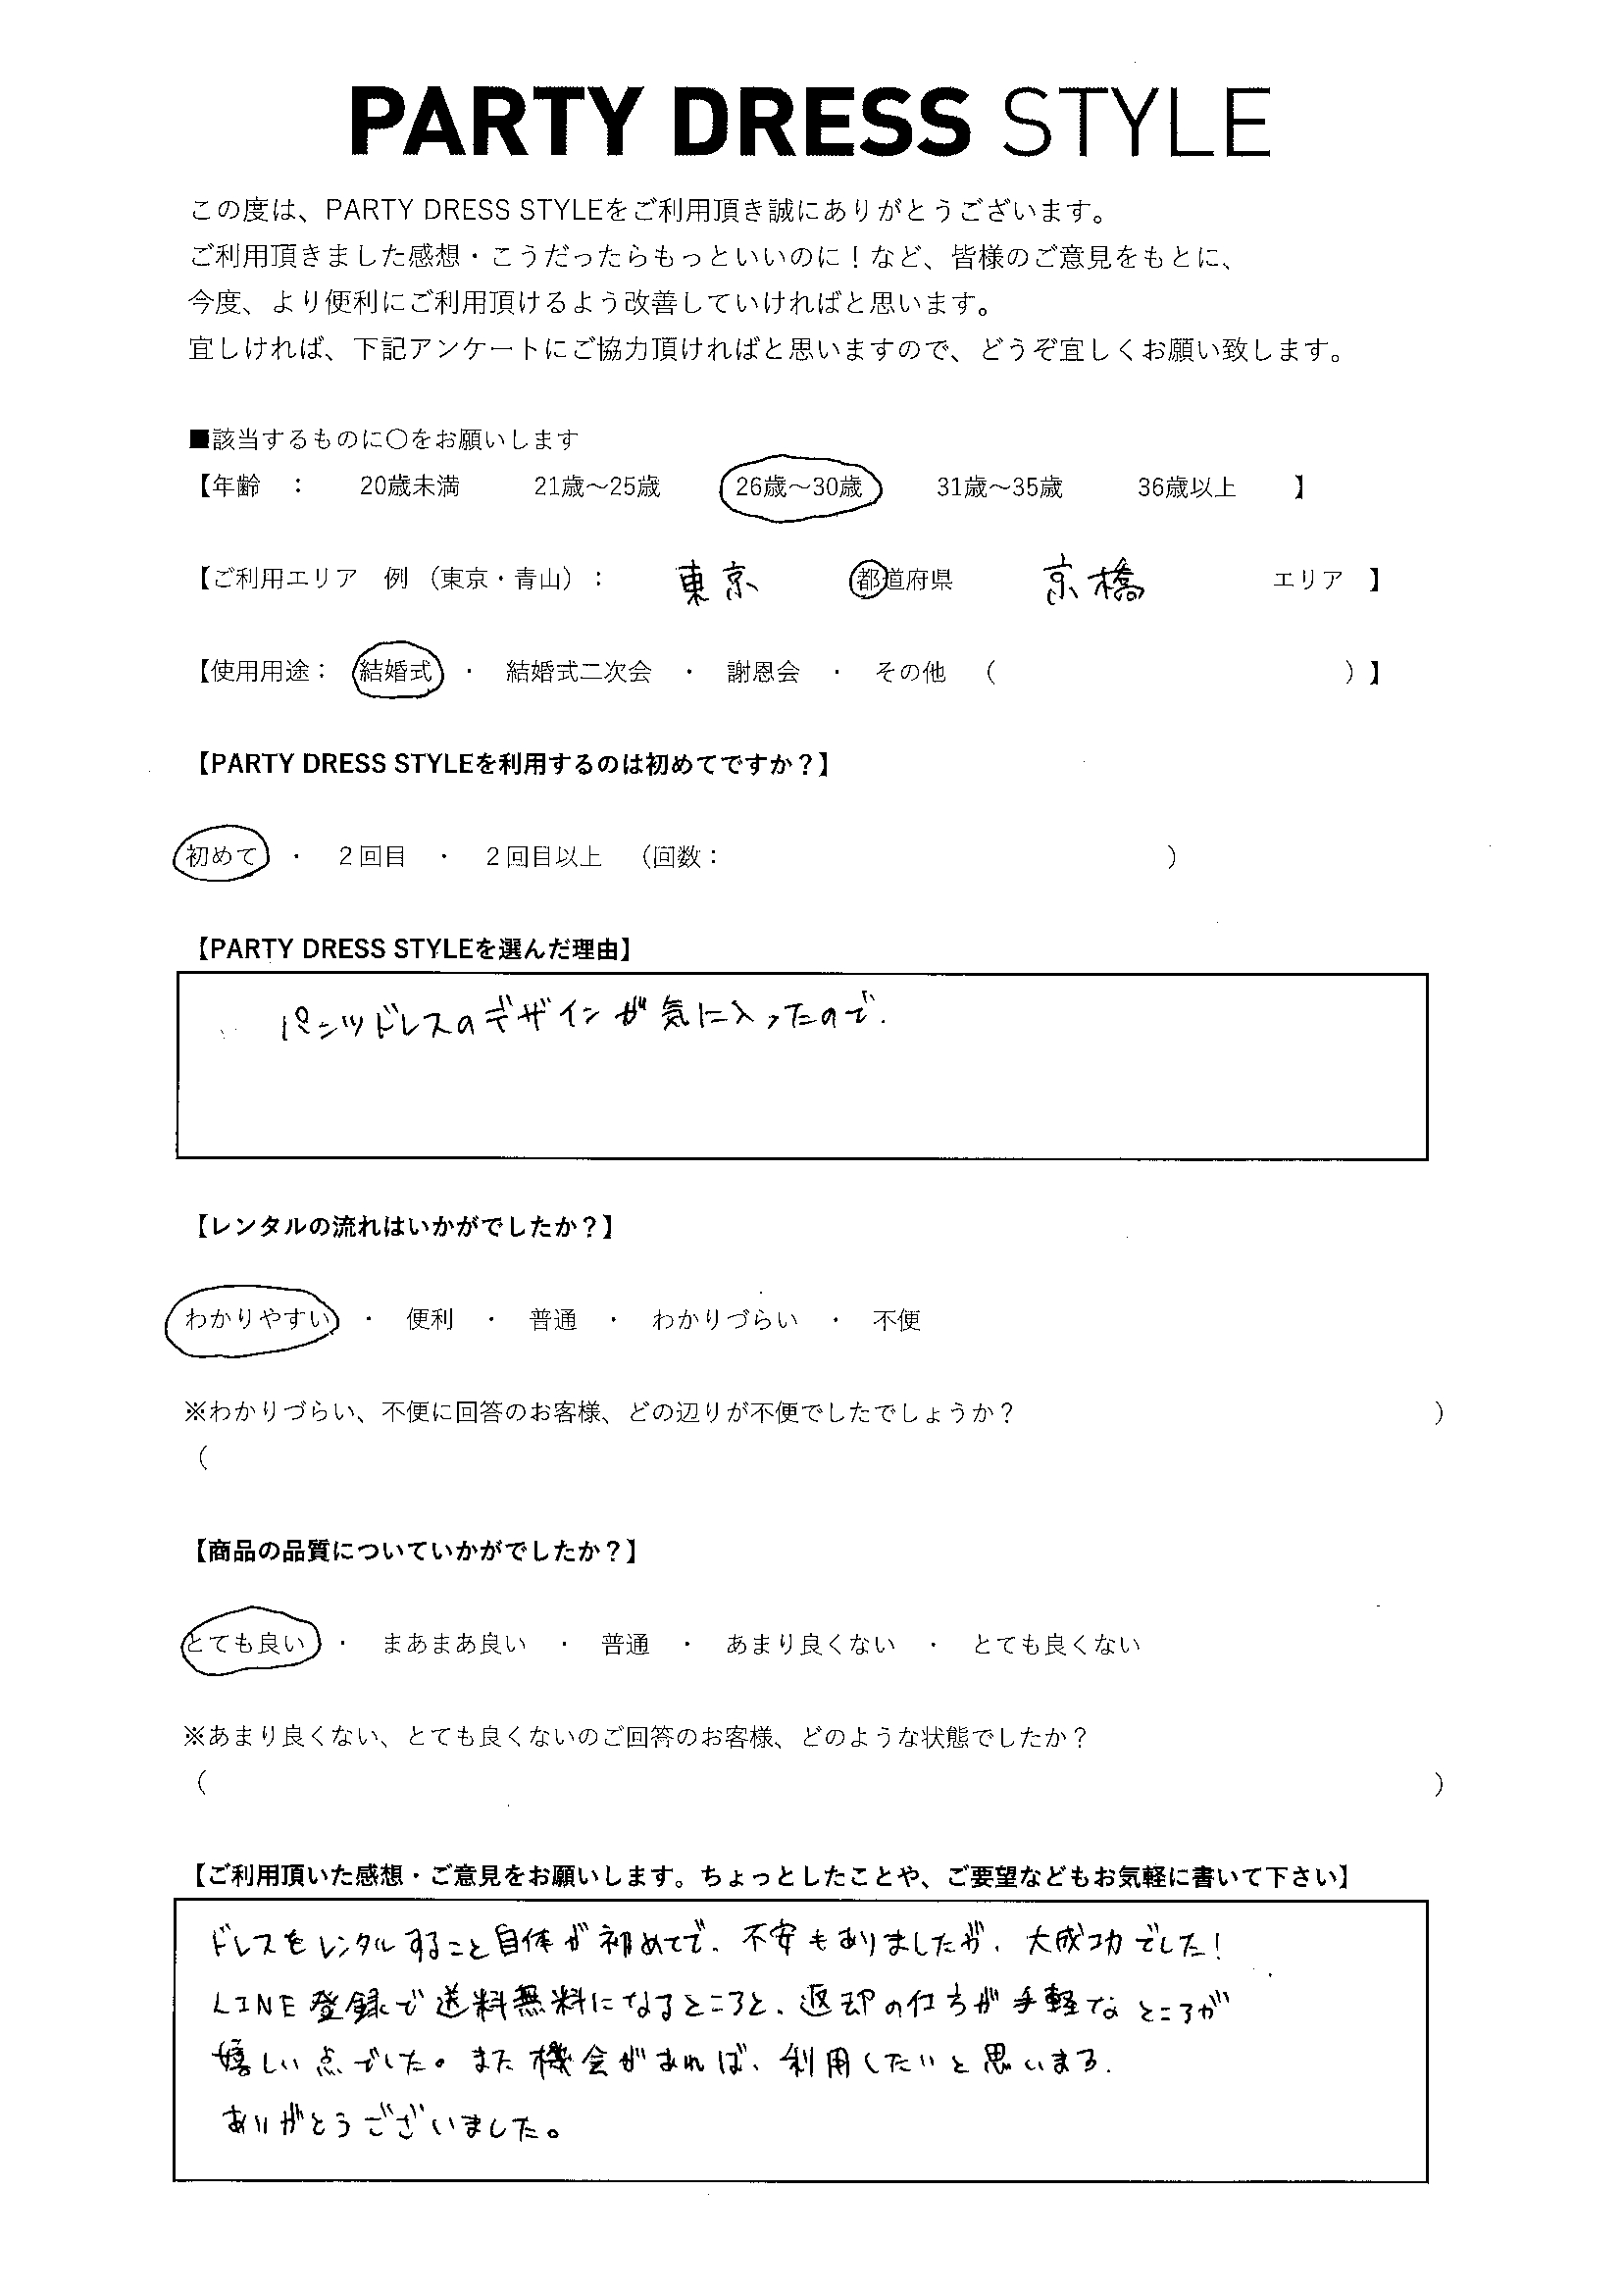 7/11結婚式ご利用 東京・京橋エリア